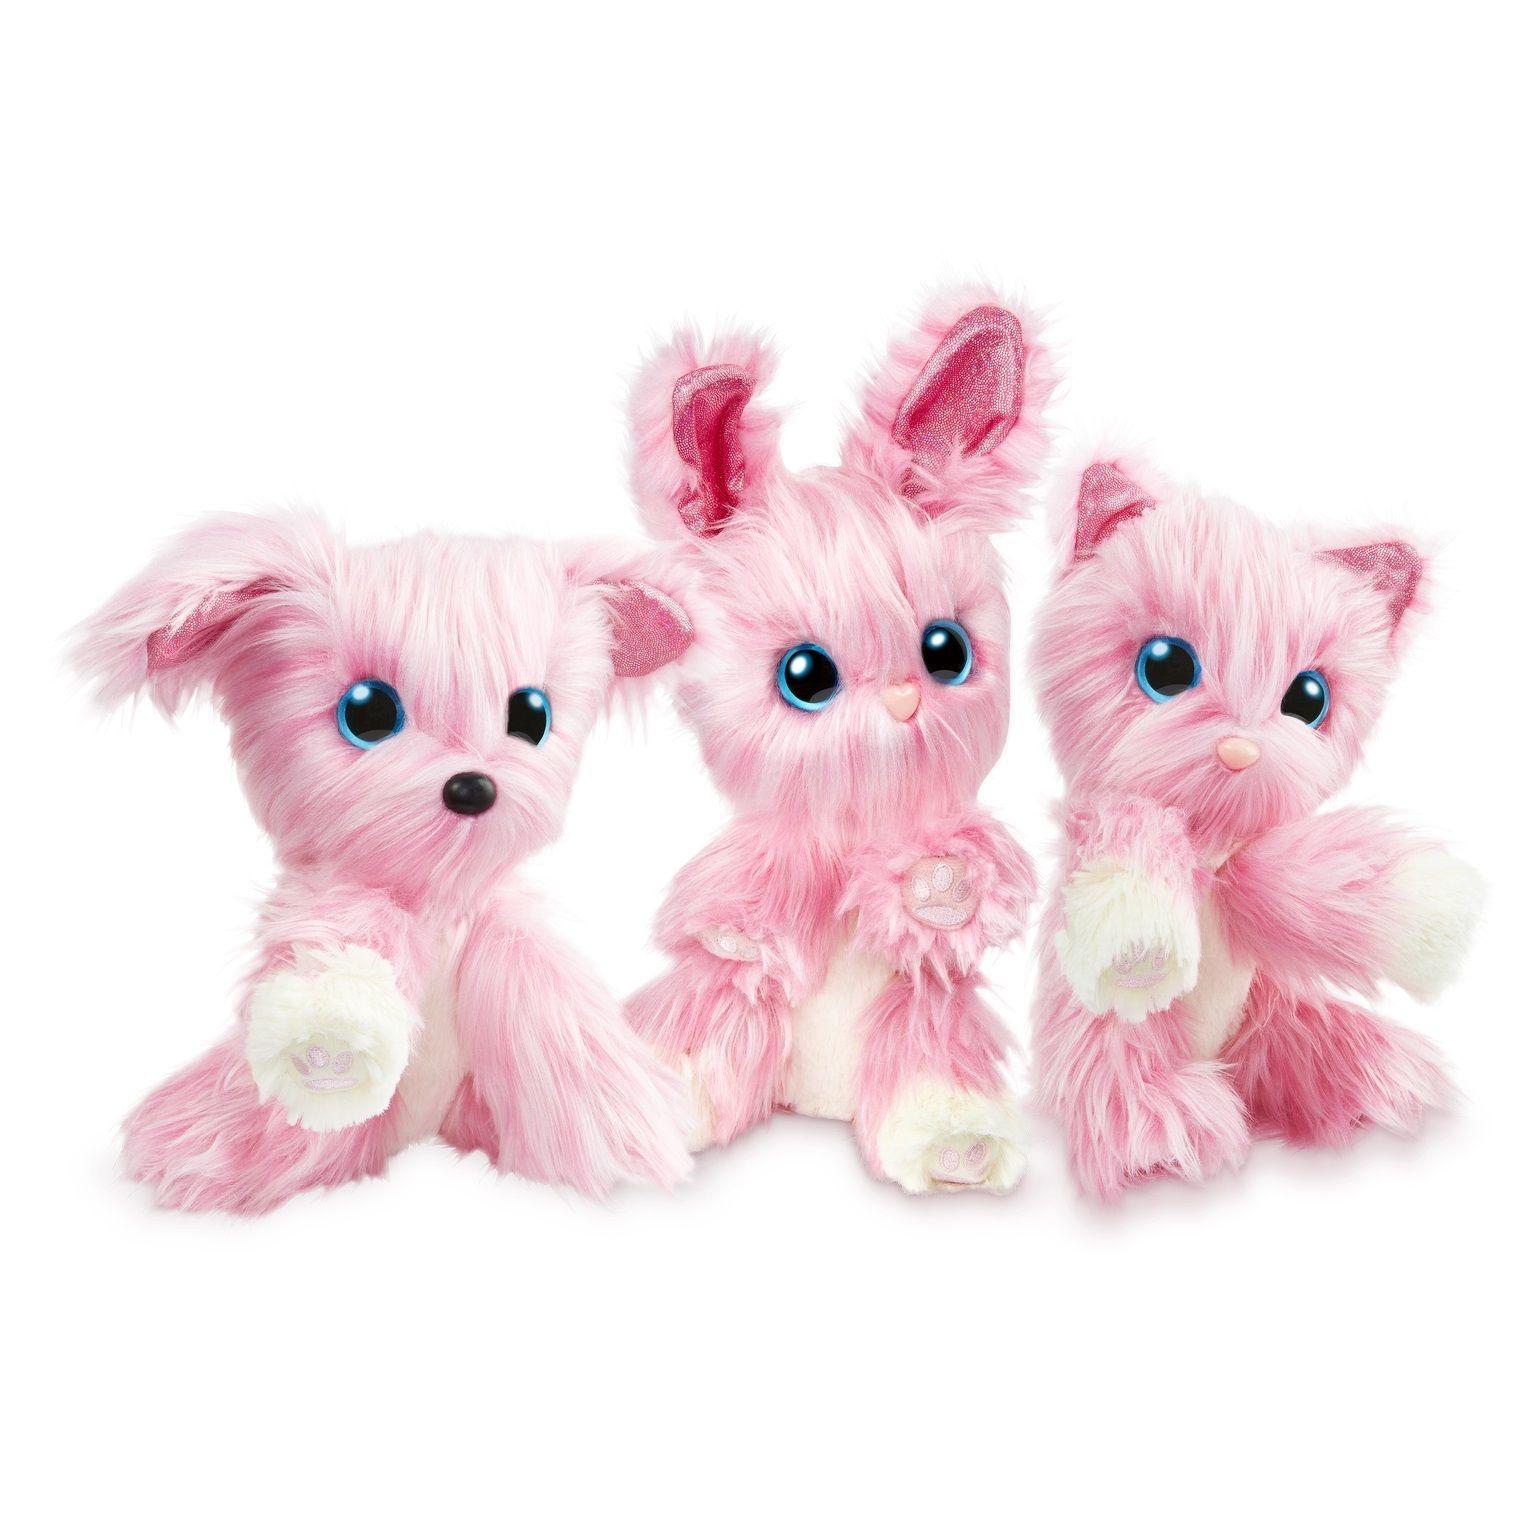 Scruff A Luvs Surprise Plush - Pink